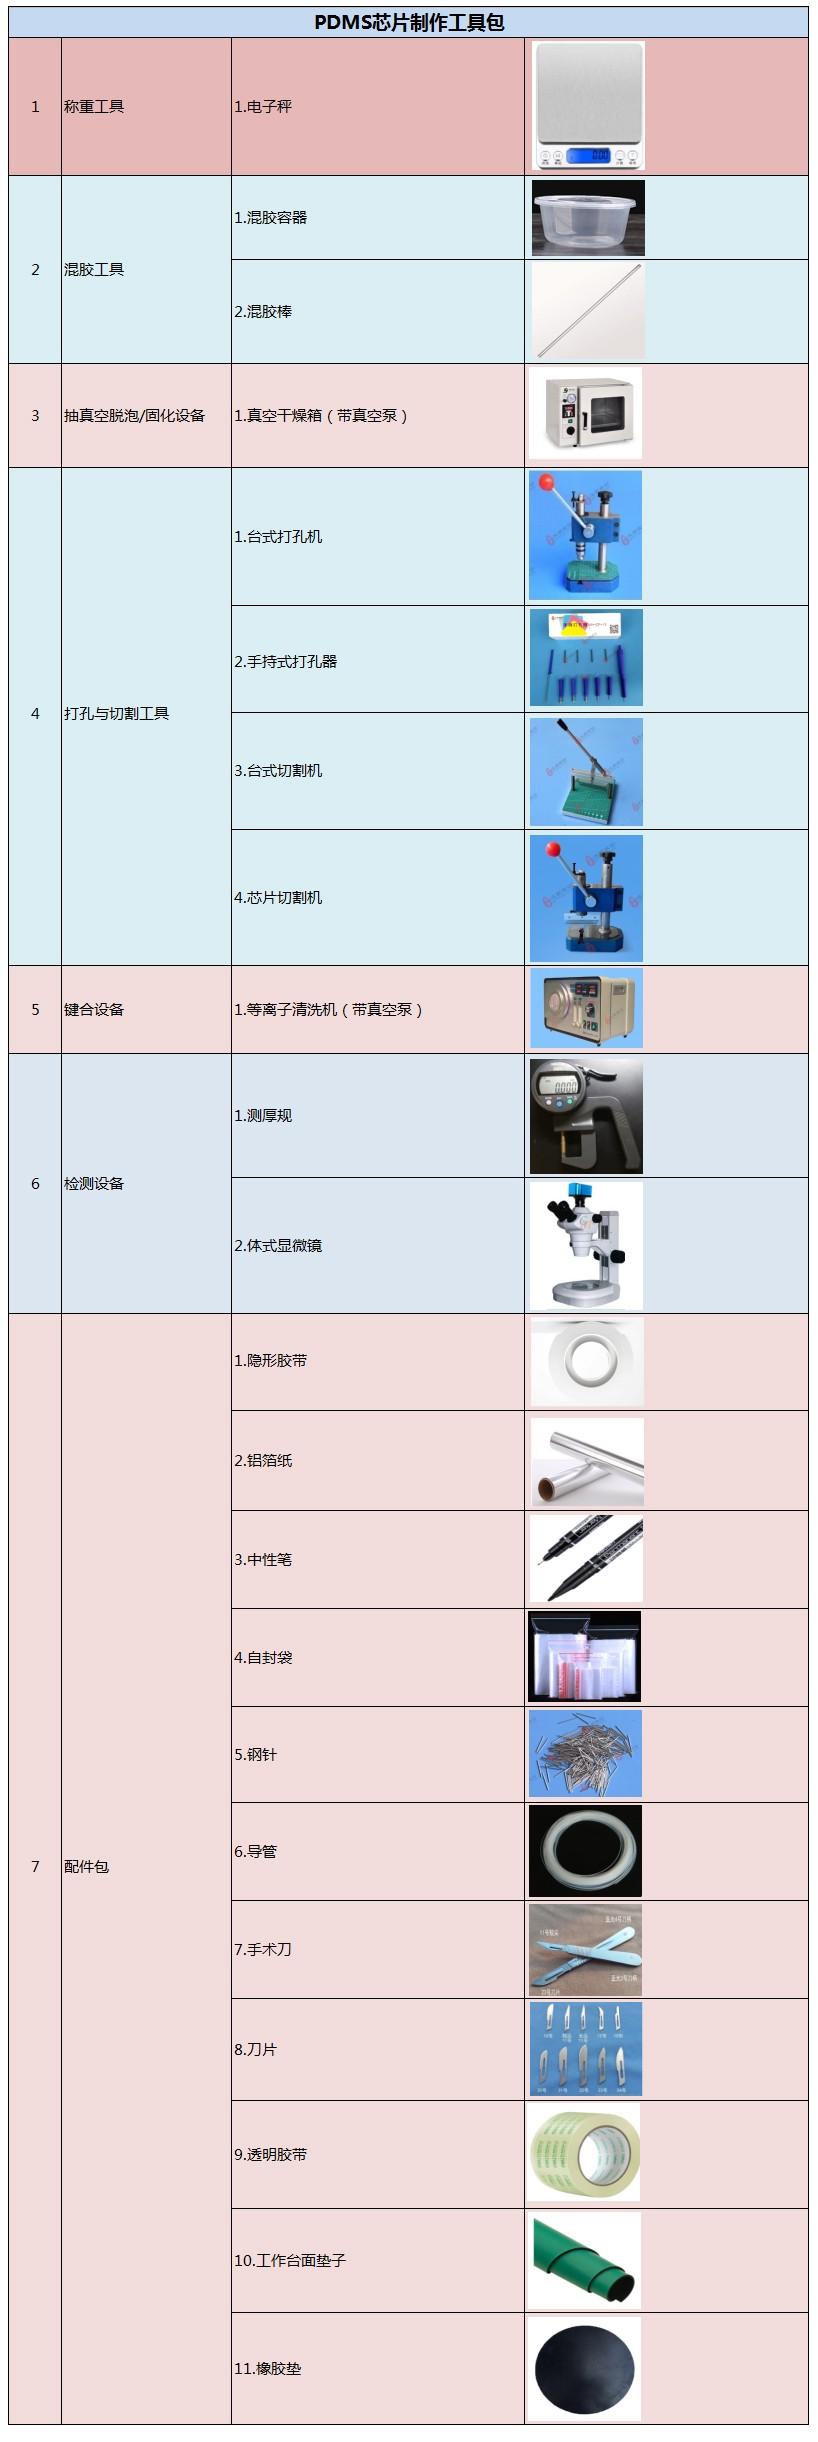 PDMS芯片制作工具包表